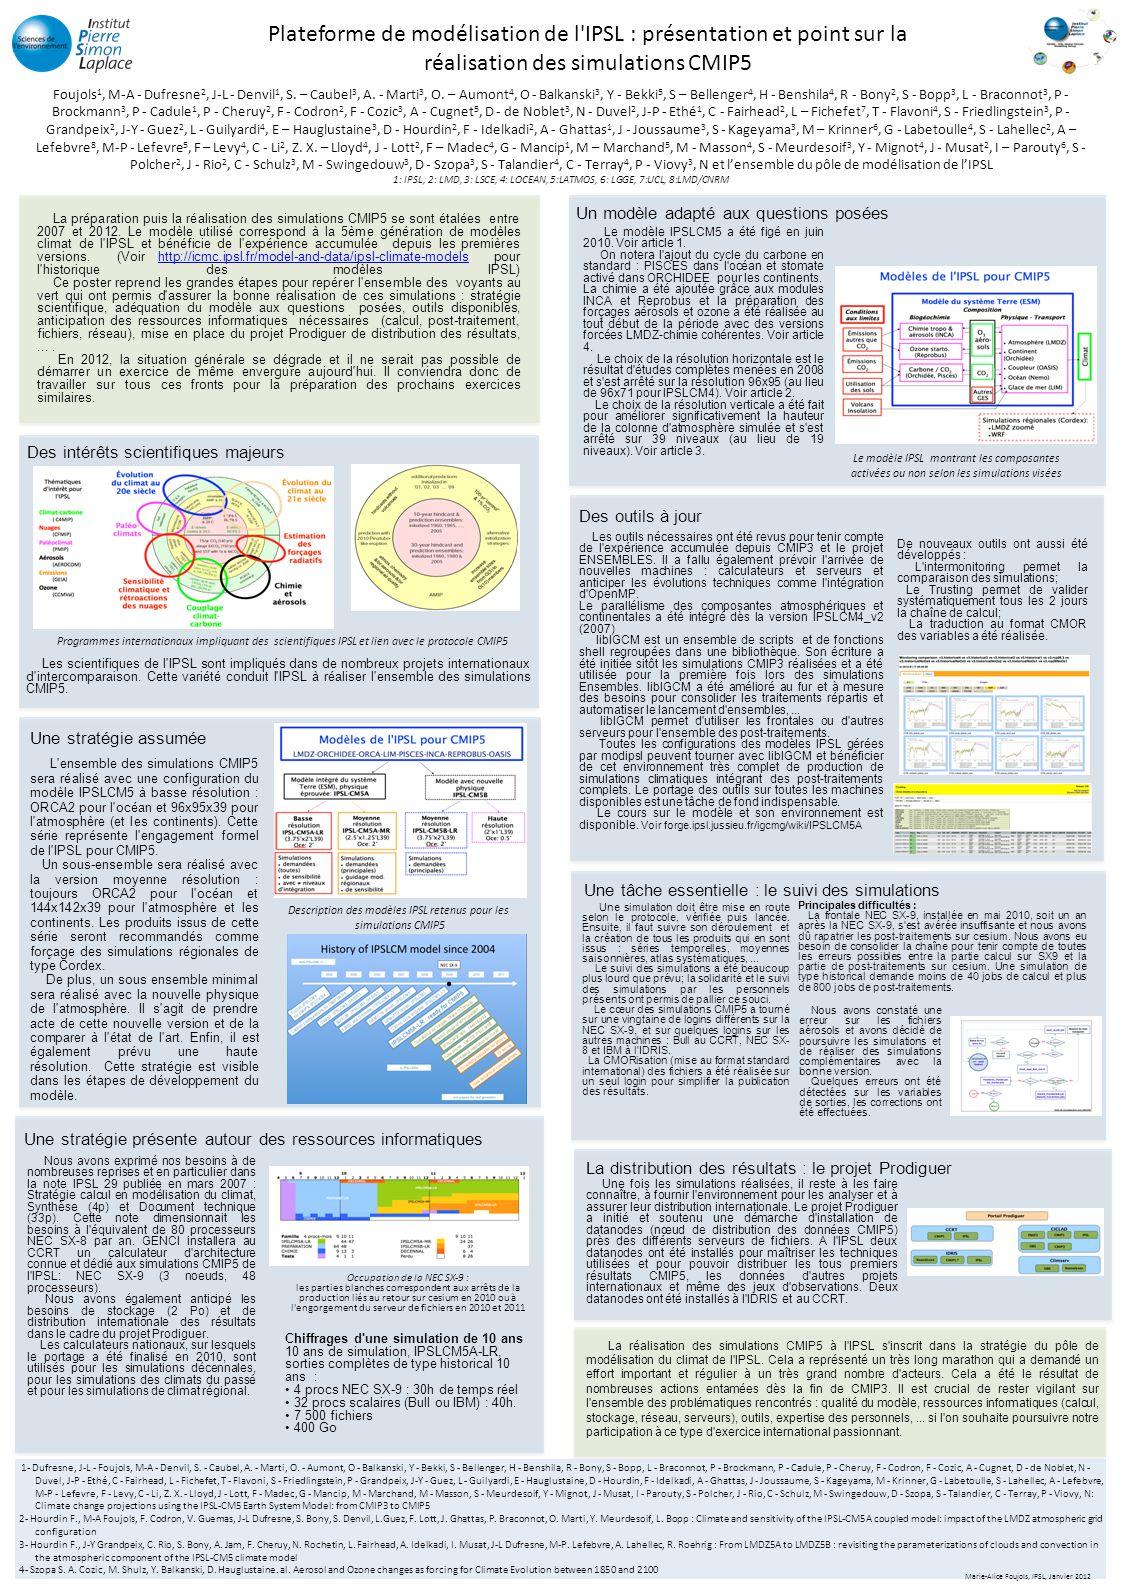 Plateforme de modélisation de l IPSL : présentation et point sur la réalisation des simulations CMIP5 Foujols 1, M-A - Dufresne 2, J-L - Denvil 1, S.